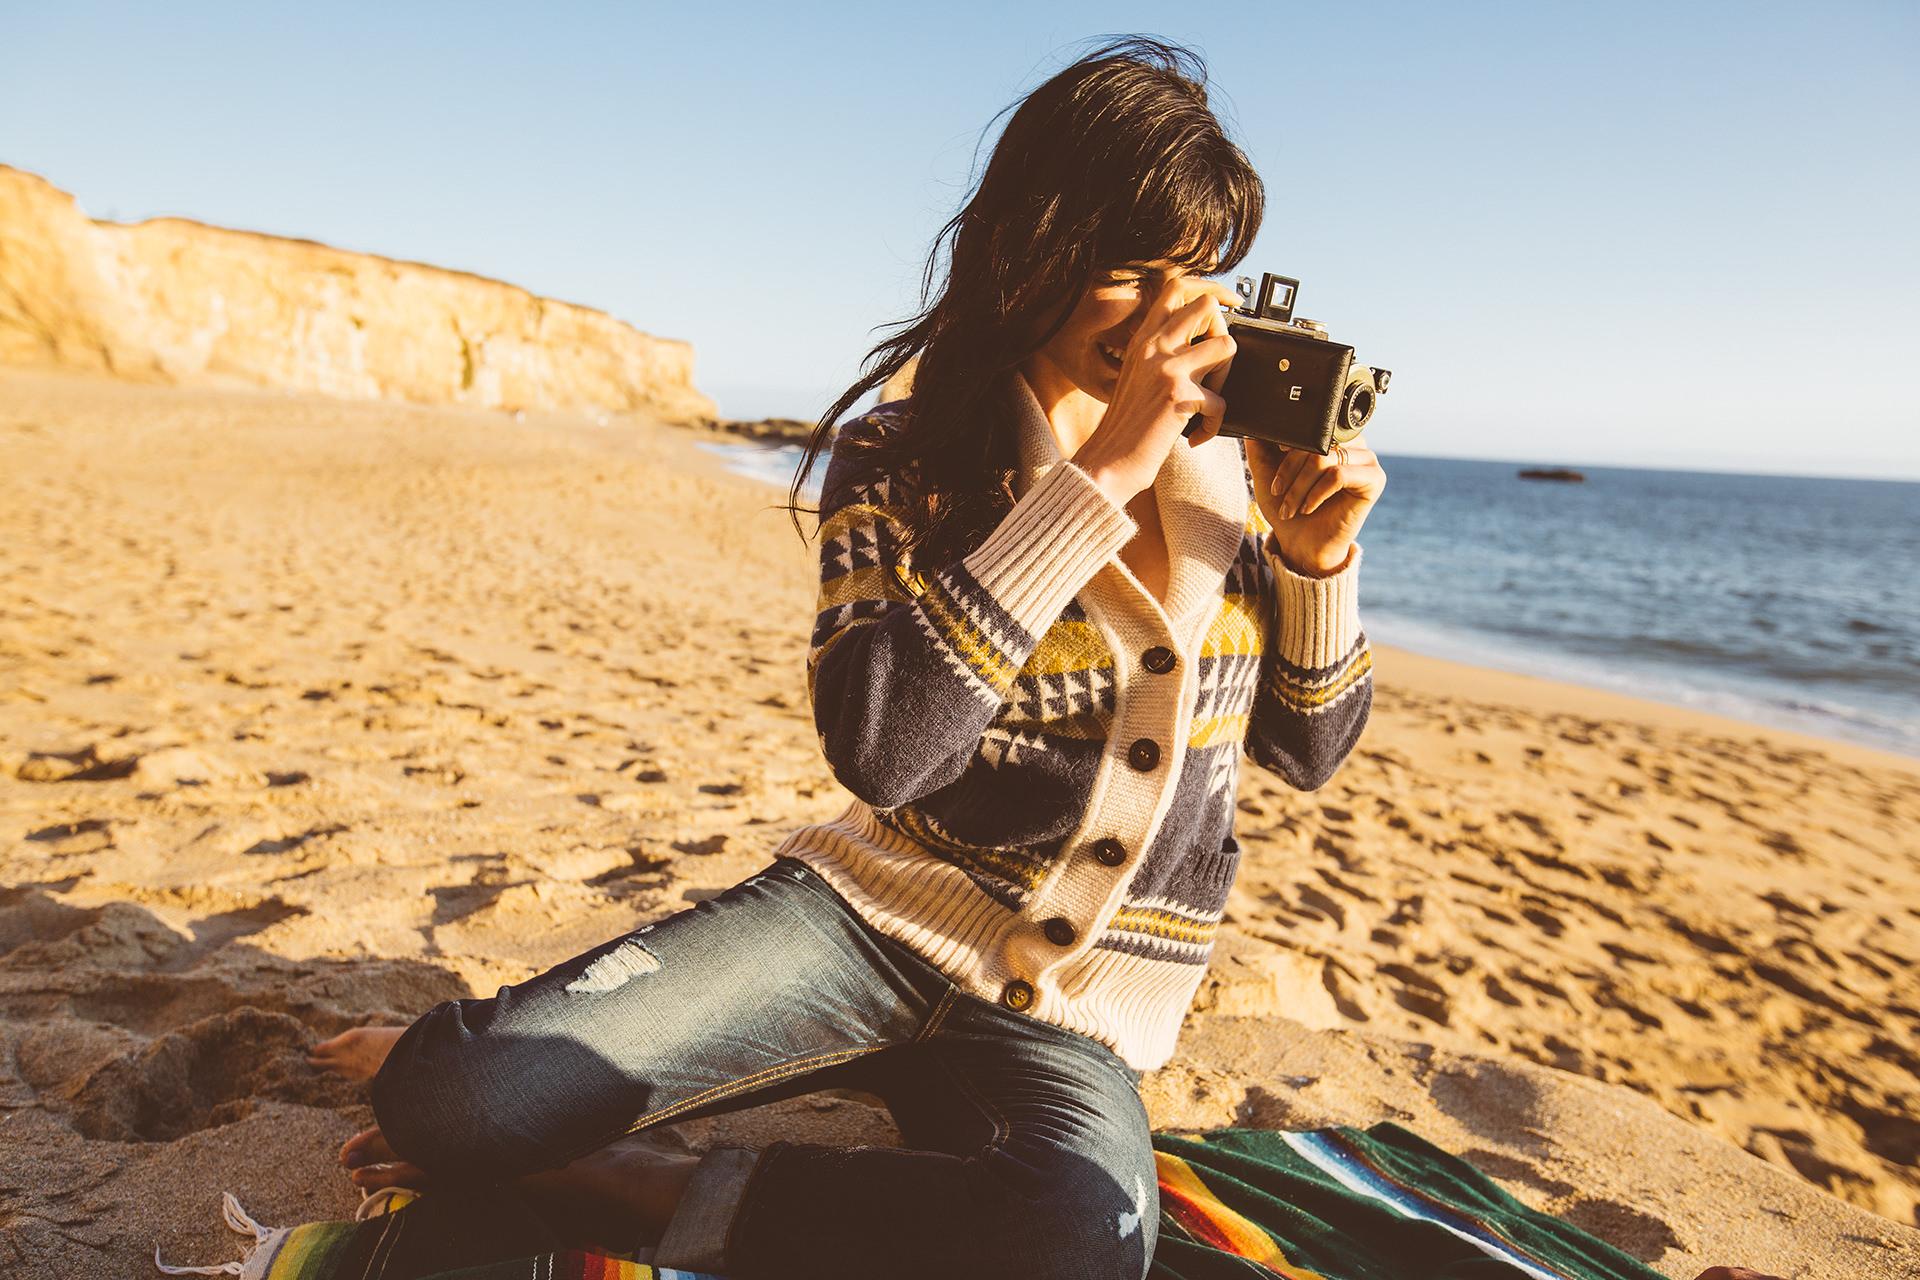 frau-strand-sitzen-fotografieren-decke